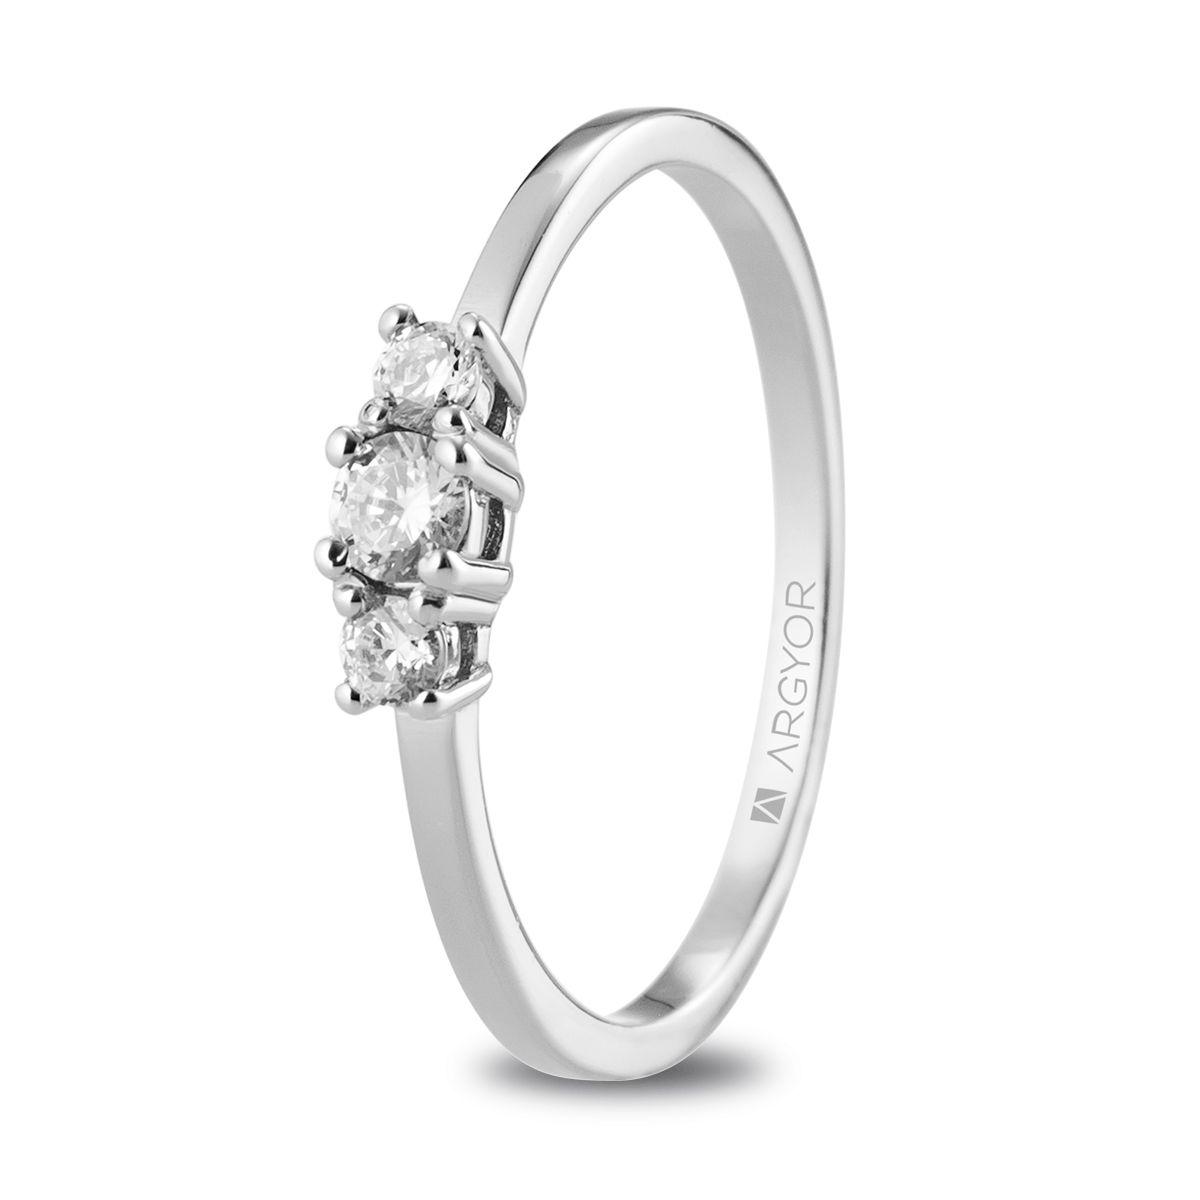 Anillo de compromiso con 3 diamantes